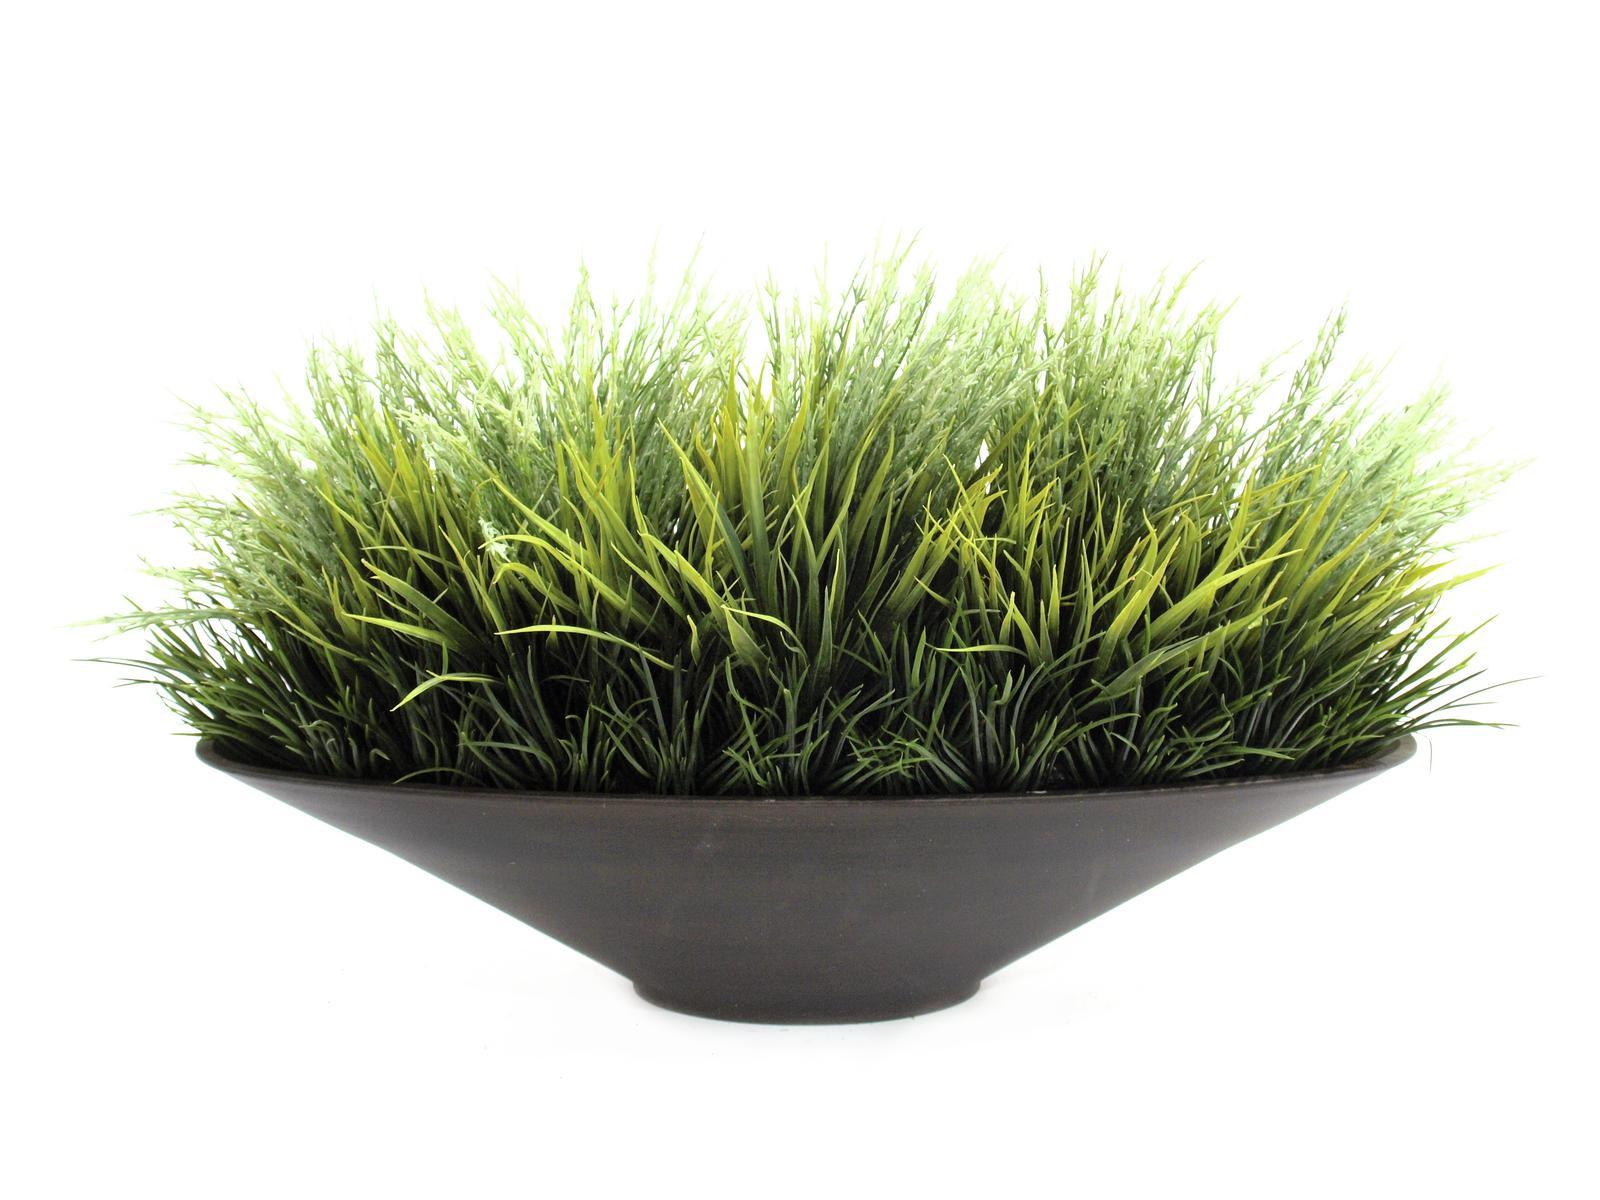 europalms-grasbusch-40cm-kunststoffpflanze